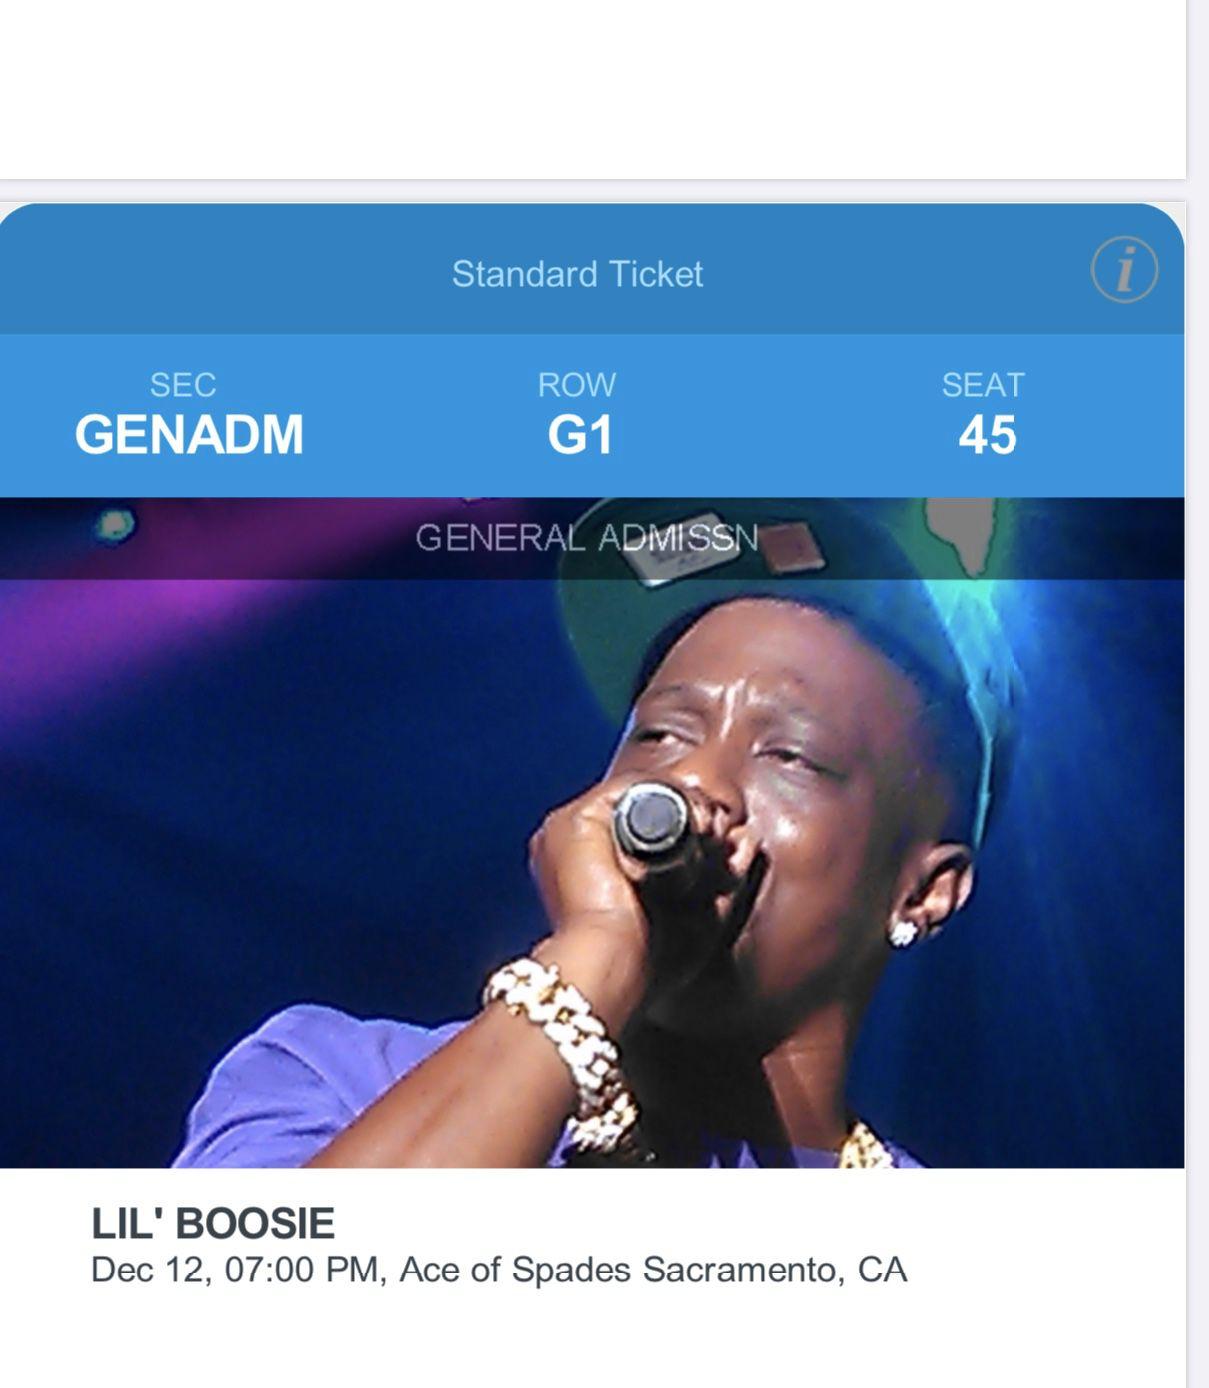 Lil Boosie tickets For sale